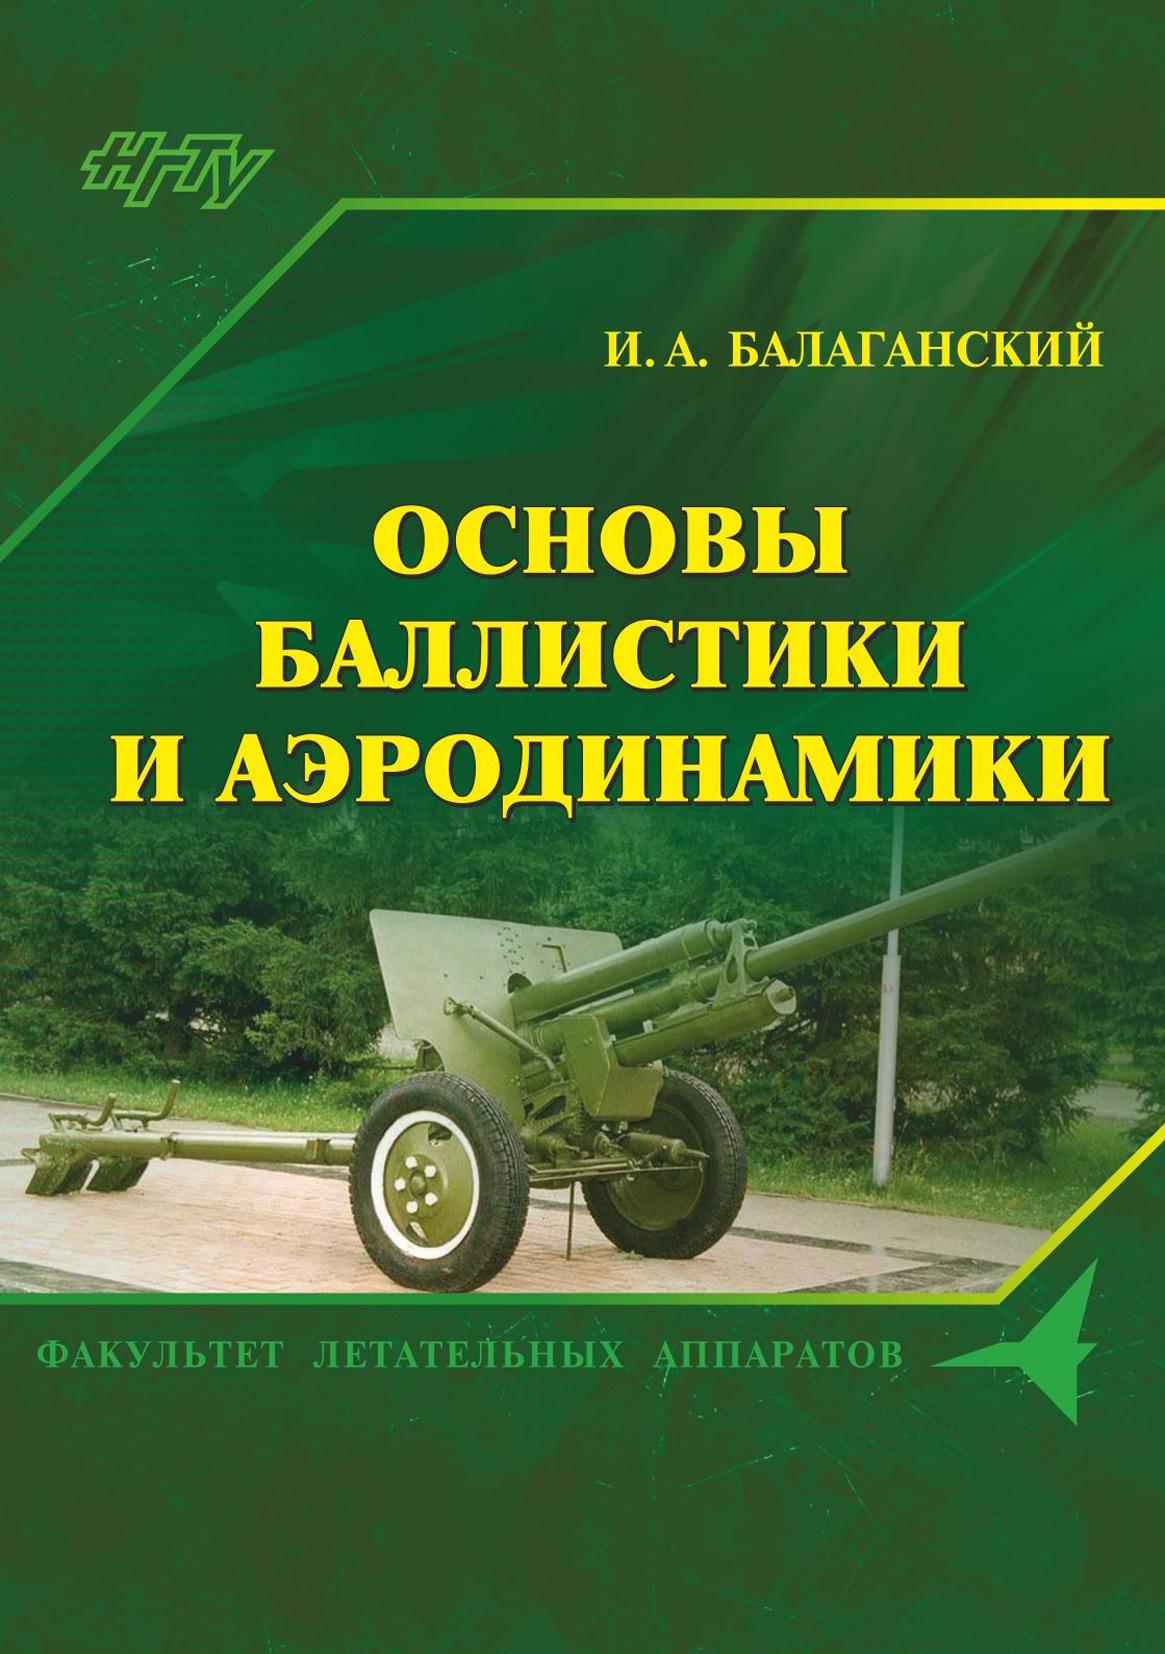 Игорь Балаганский Основы баллистики и аэродинамики баллистика ствольных систем